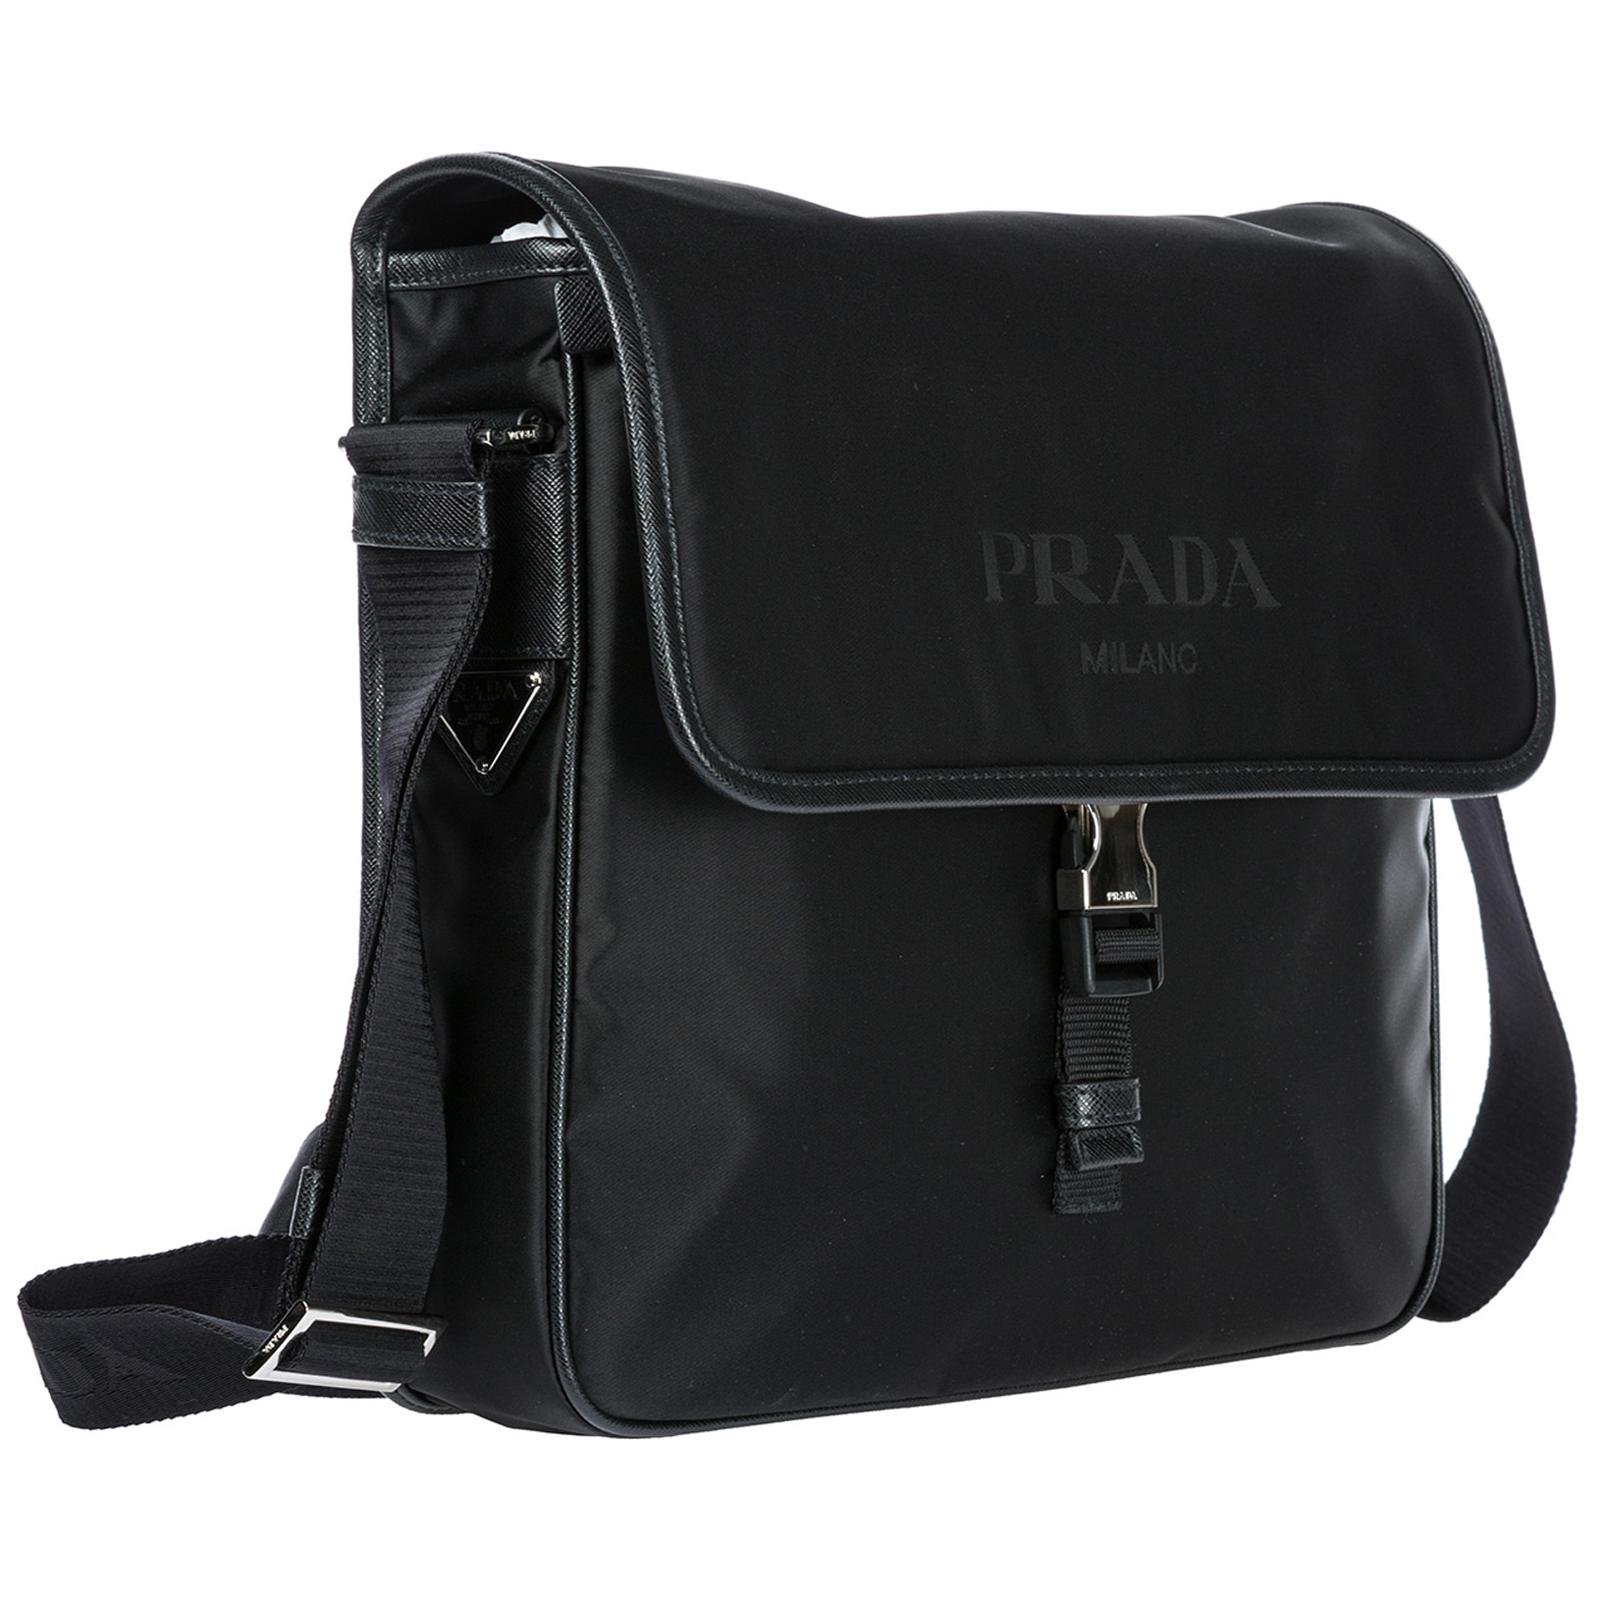 8ac4e2d3c4e8 ... Men's nylon cross-body messenger shoulder bag ...